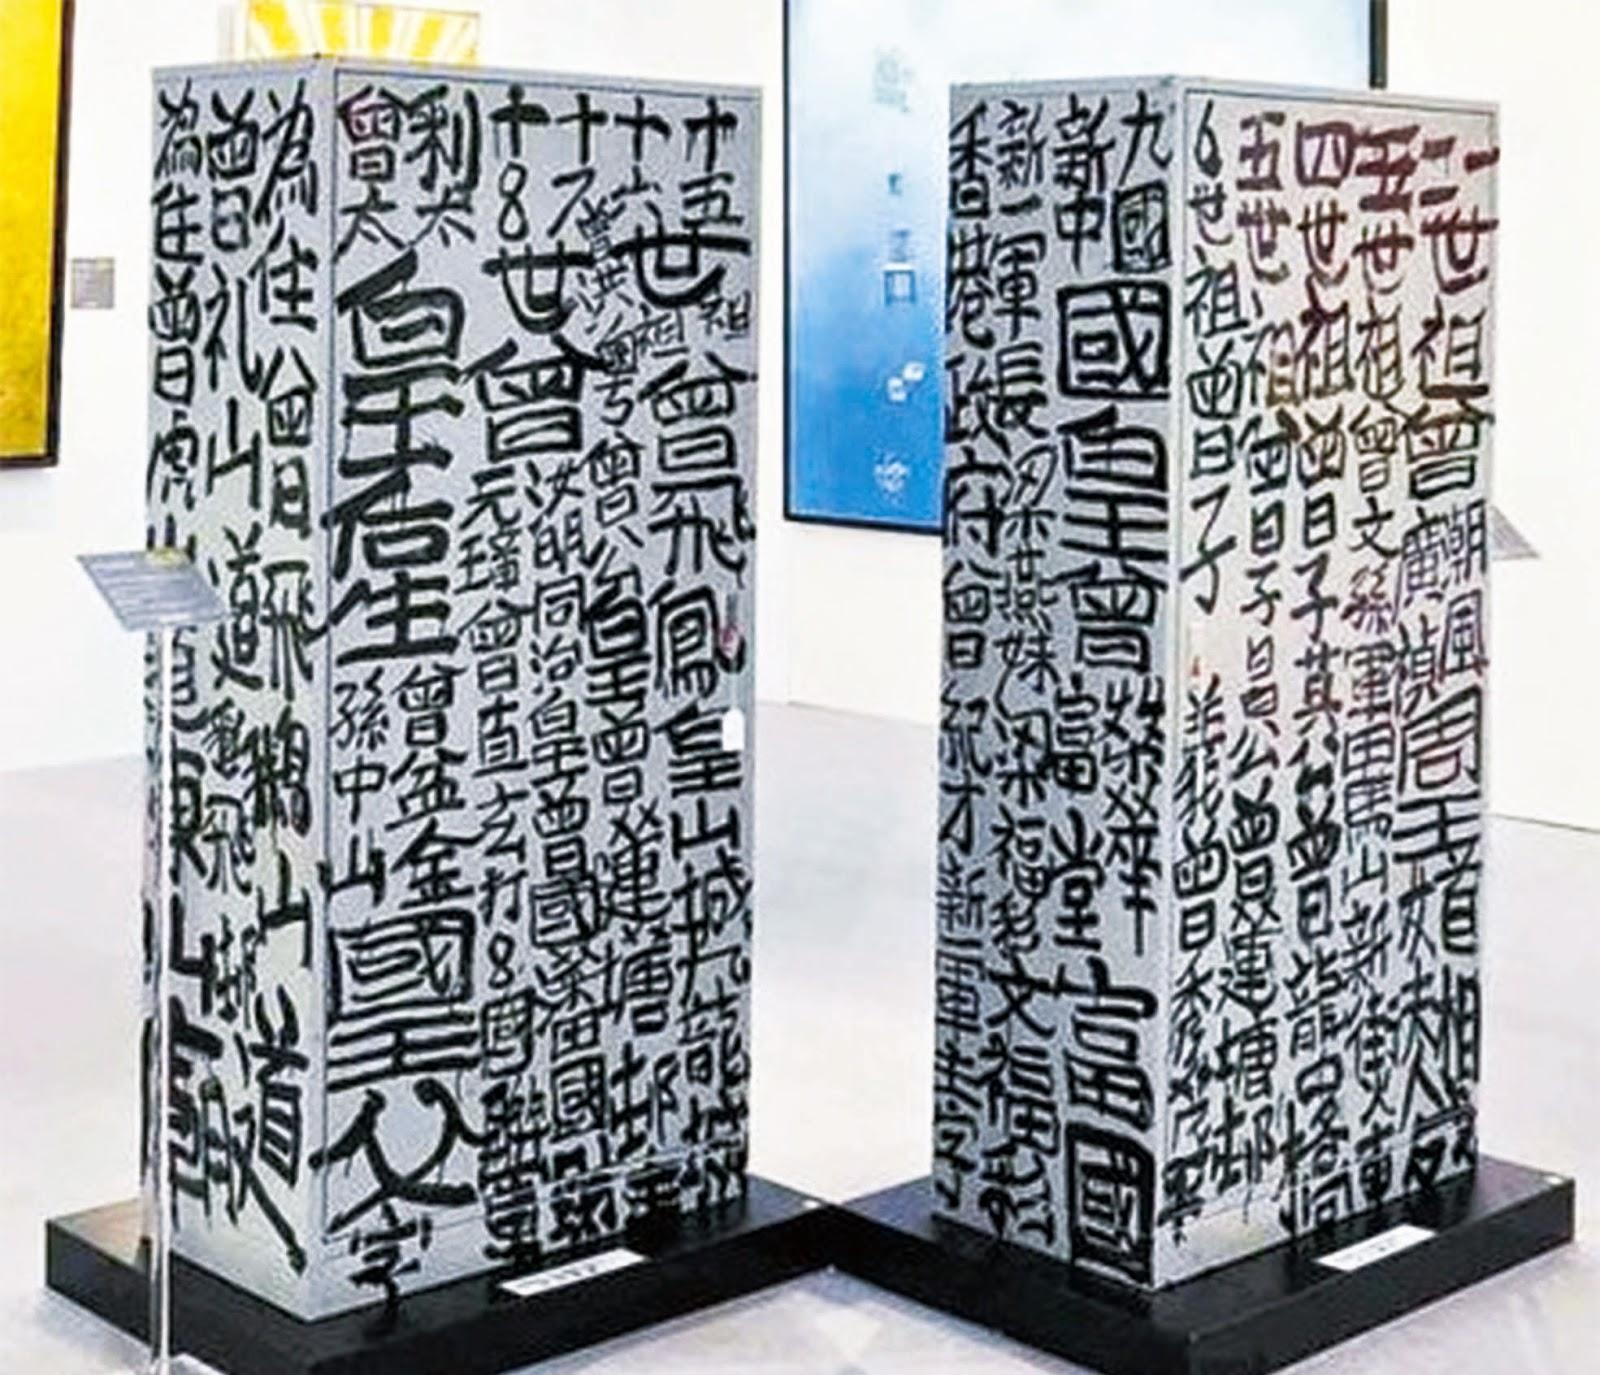 〈曾灶財的「塗鴉」為什麼不是藝術品〉   周文慶 Justin Chow Man Hing